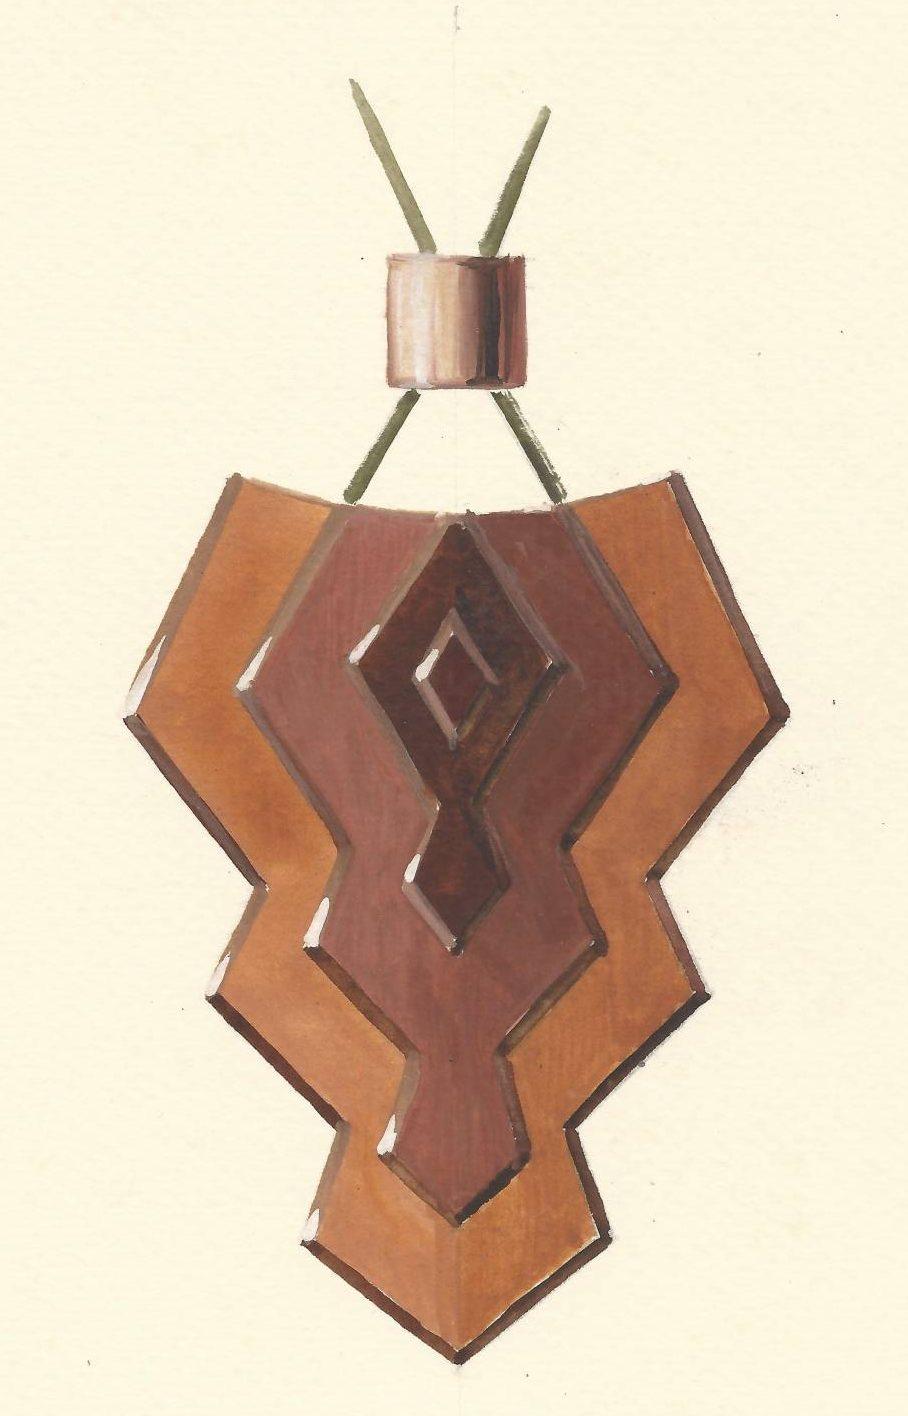 Victor-David Greidenberg, ontwerptekening hanger, circa 1930. Foto met dank aan Grafische Sammlung Stern©